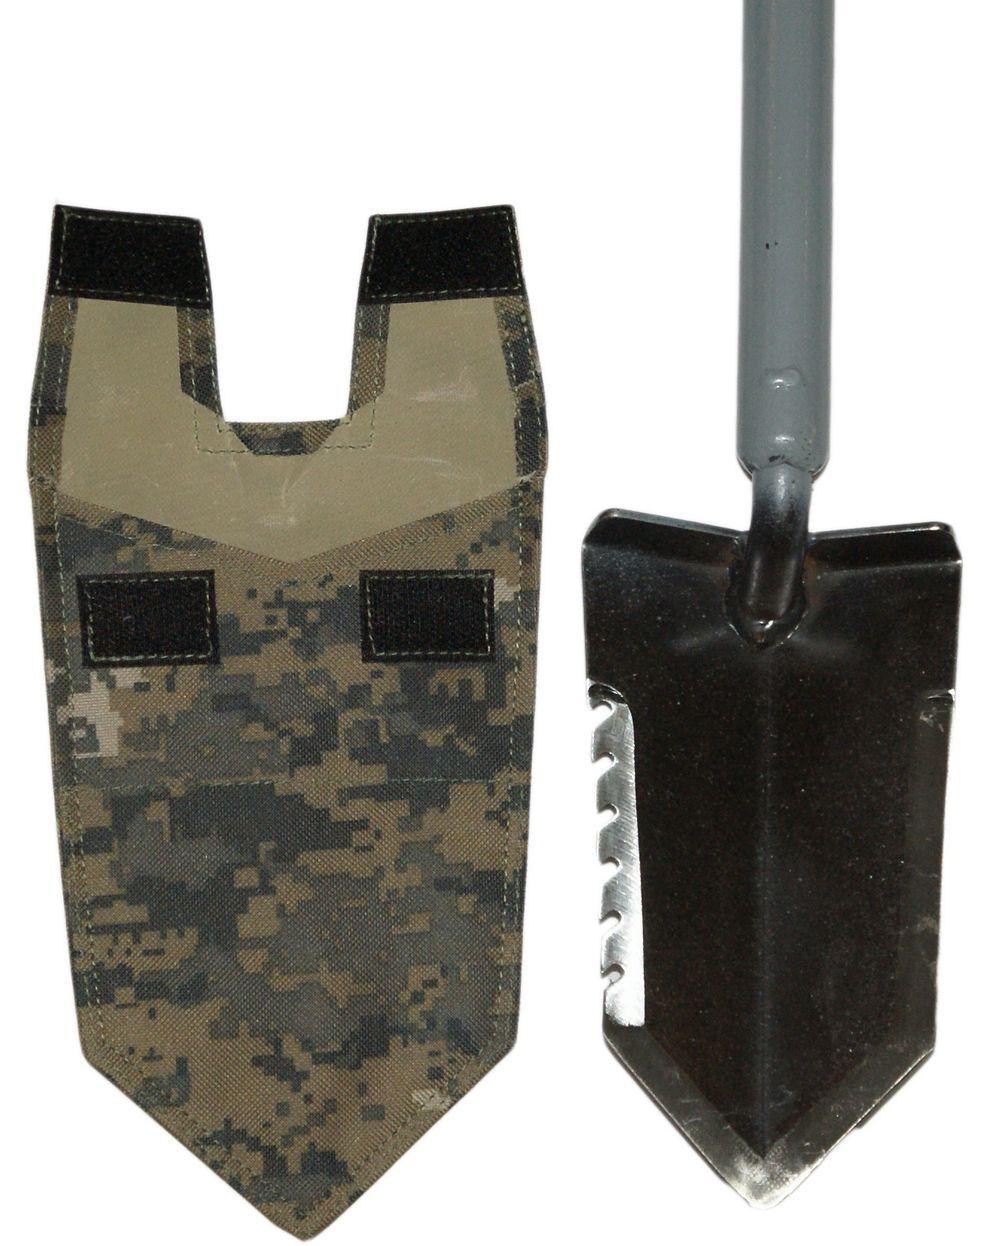 Cover Scabbard for Blade Lesche Sampson Shovel Digging Tool